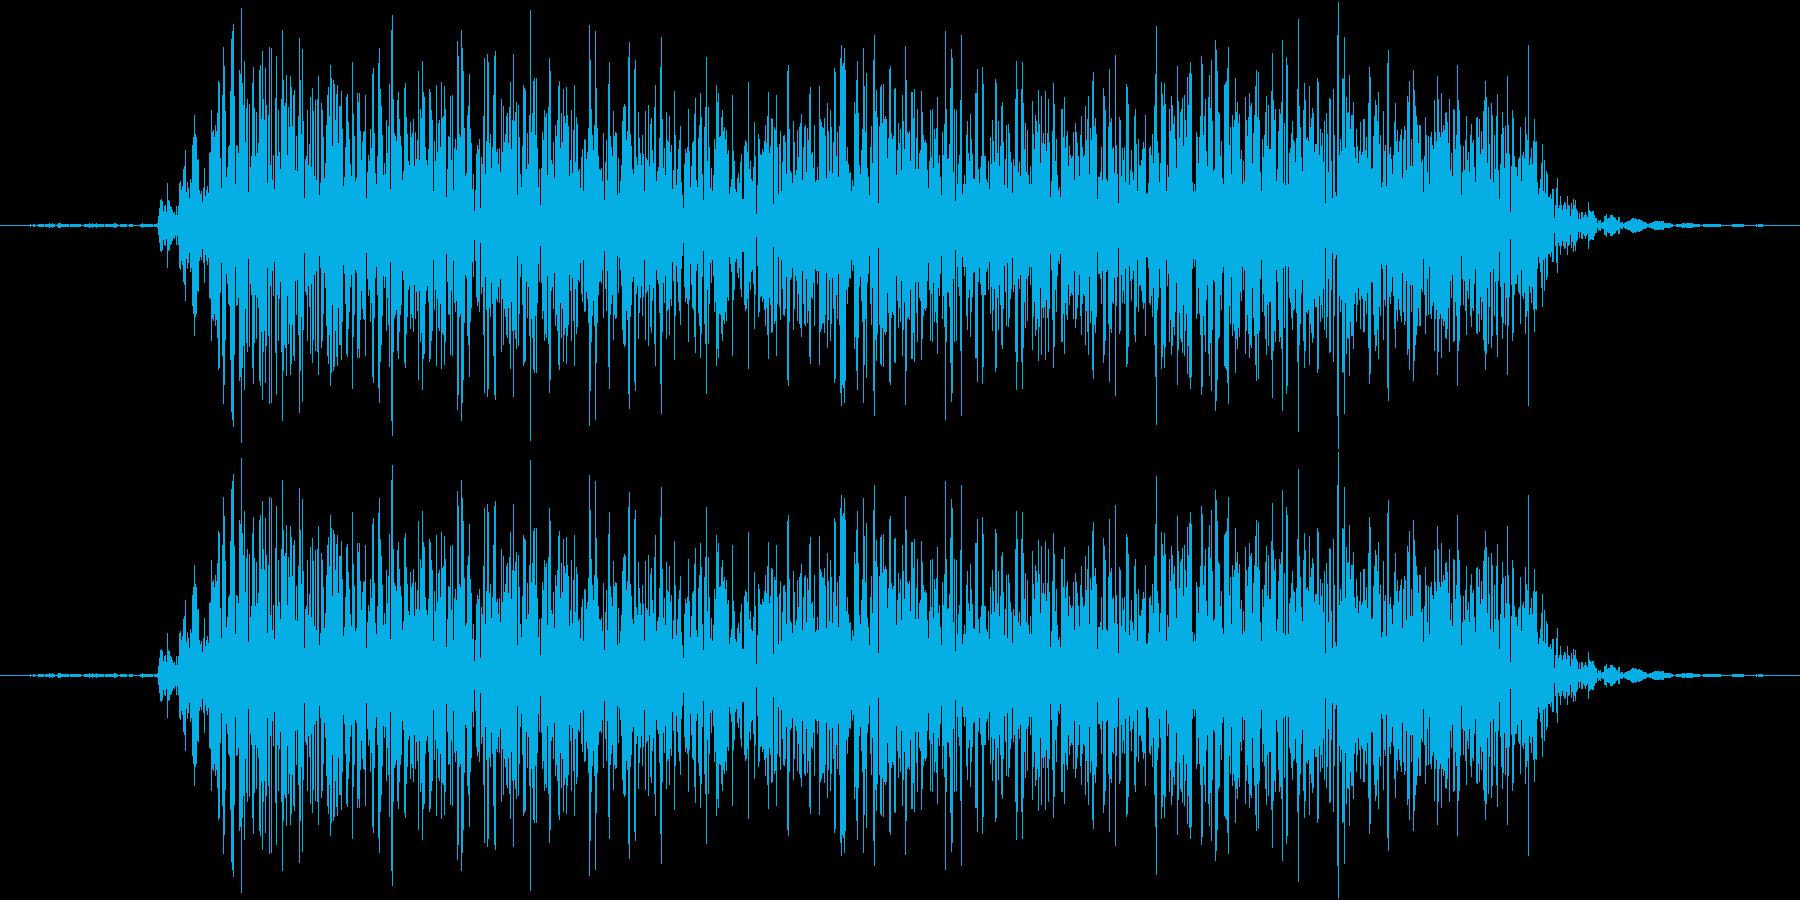 【エレキ ギター】クリーン ジャカジャカの再生済みの波形